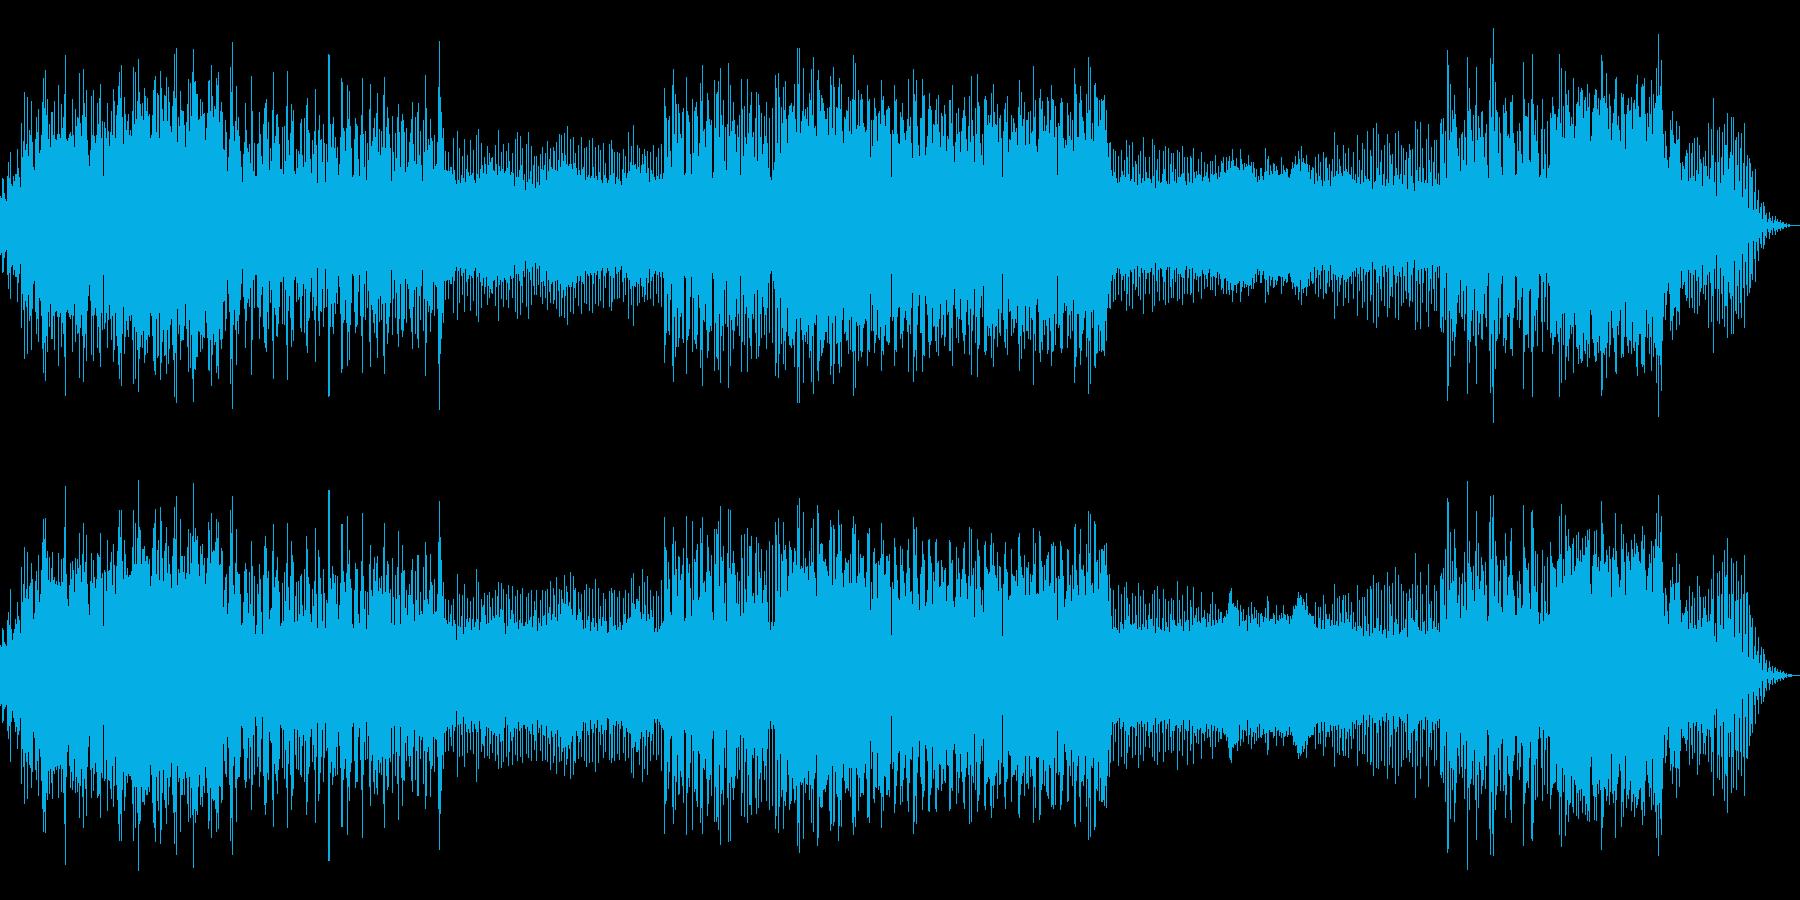 シネマサウンドを意識したアンビエントの再生済みの波形